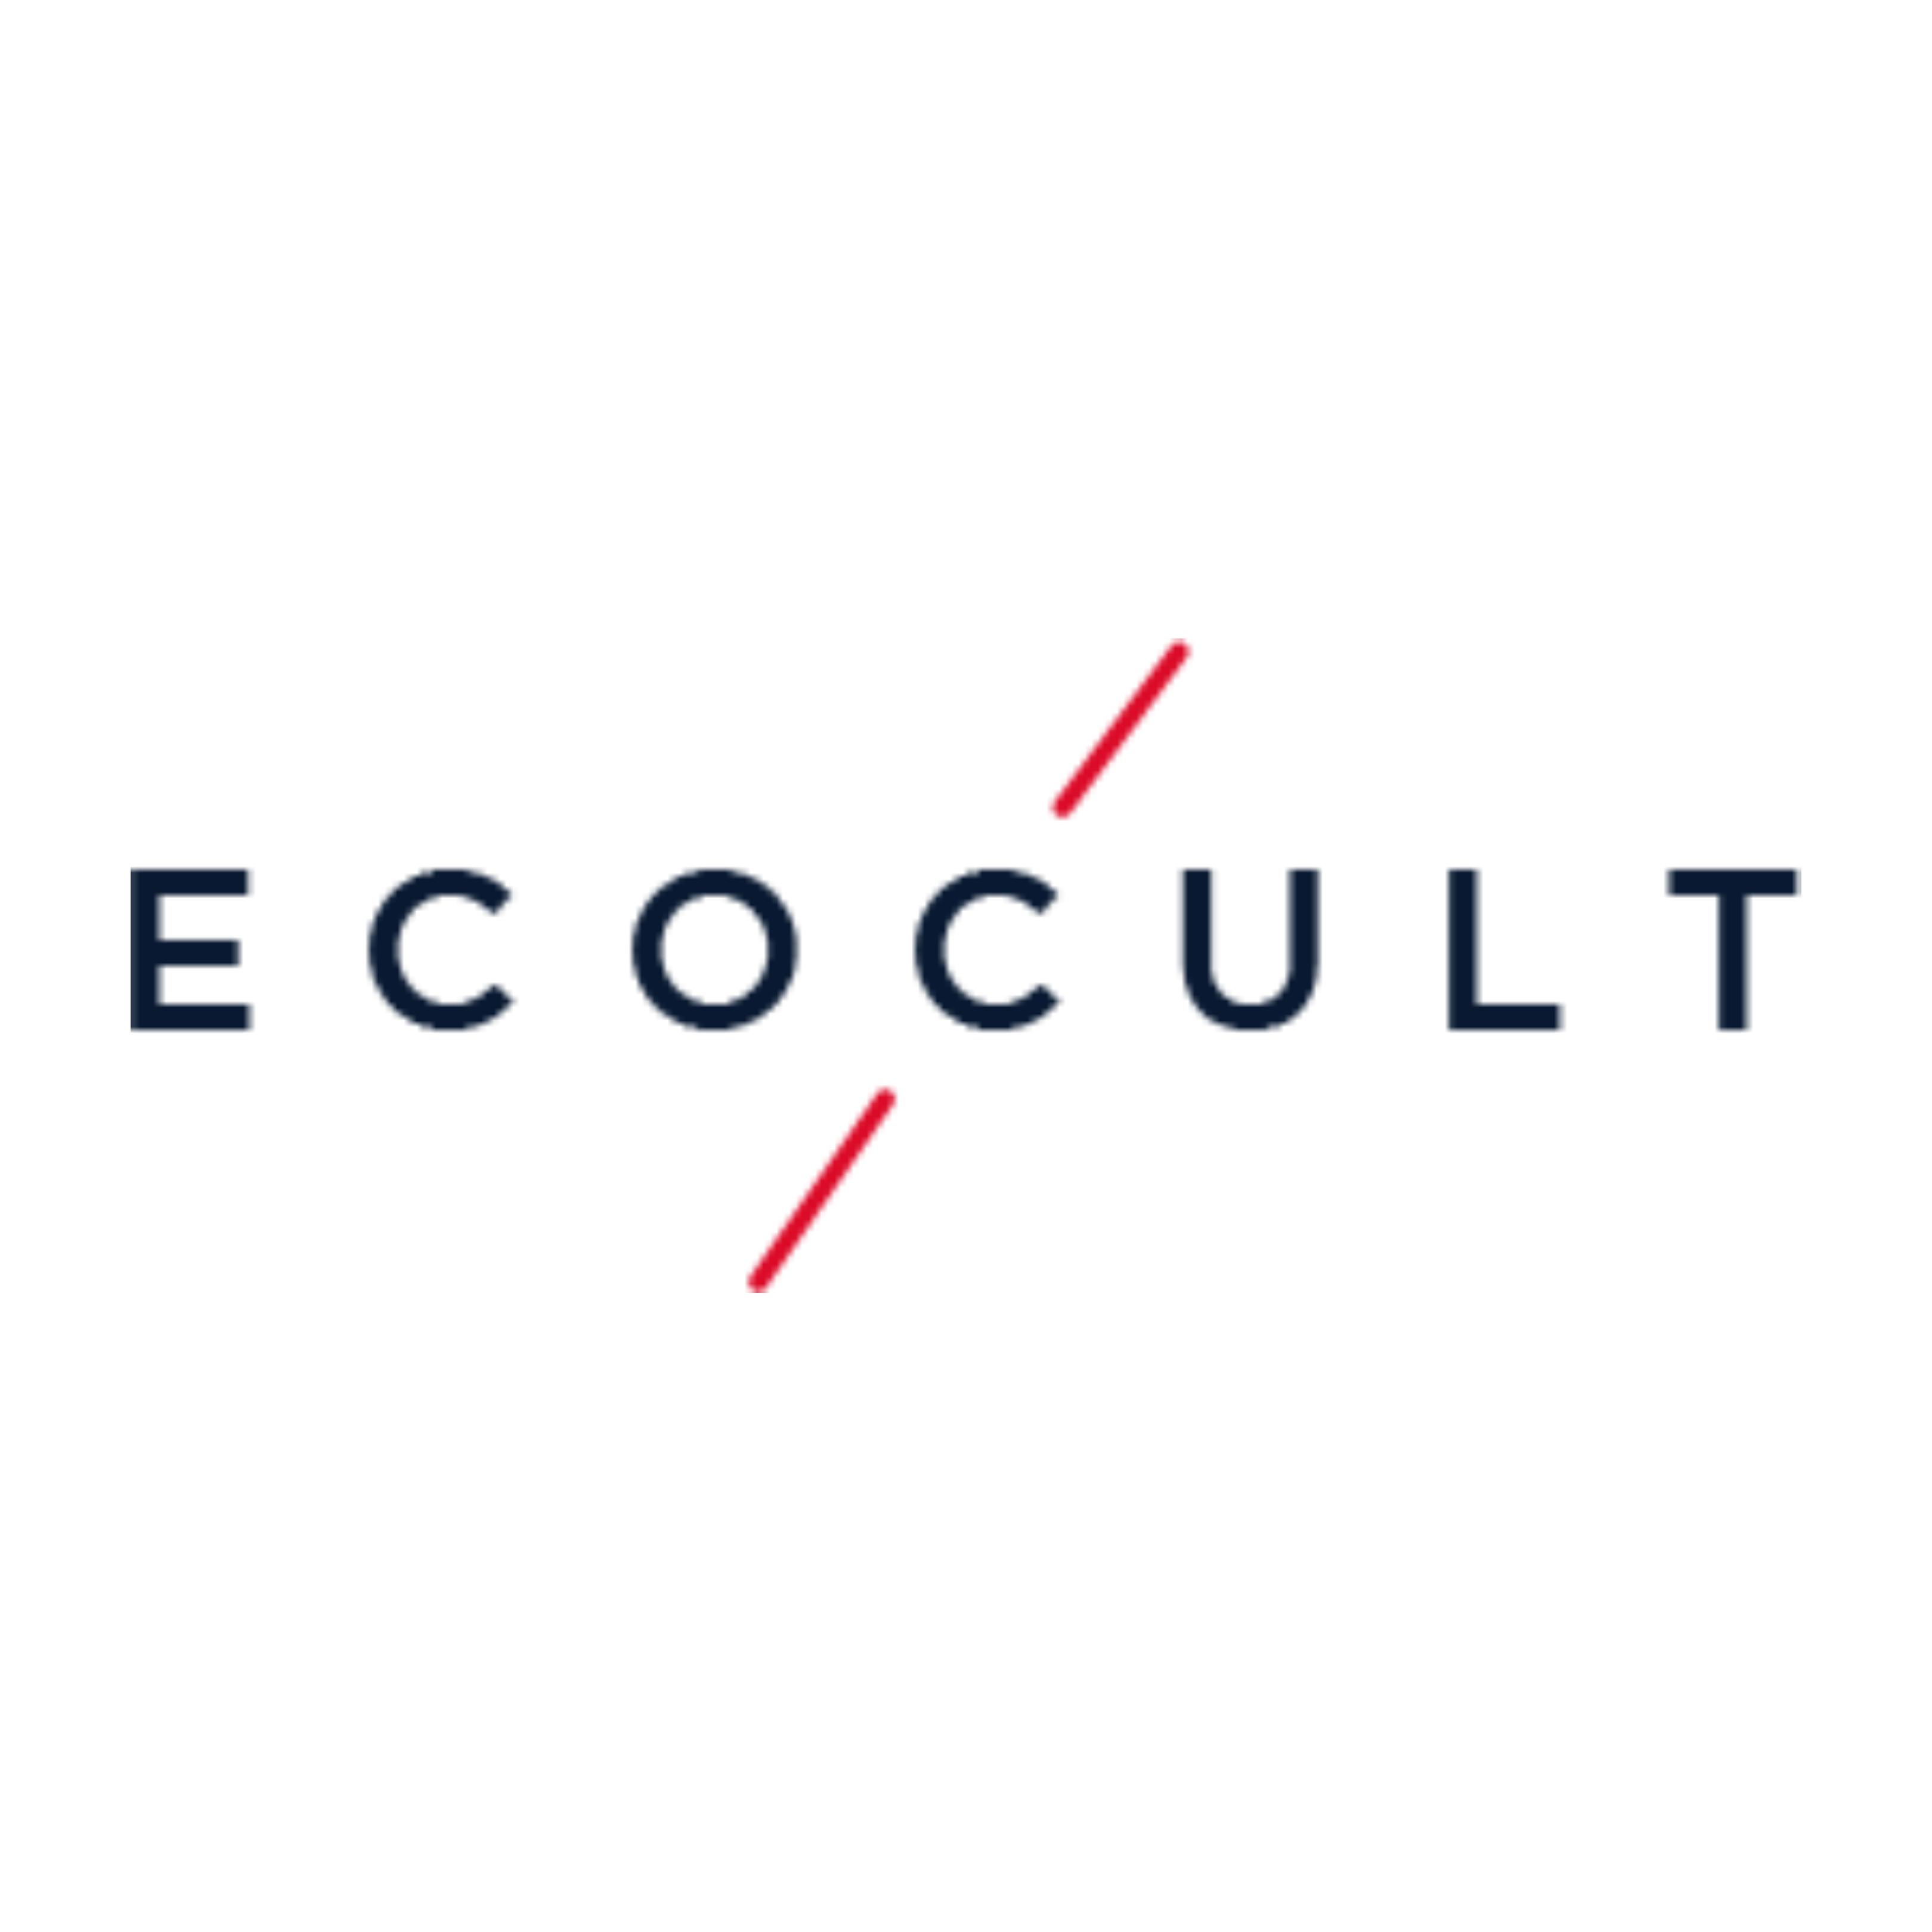 Ecocult - Website Logo